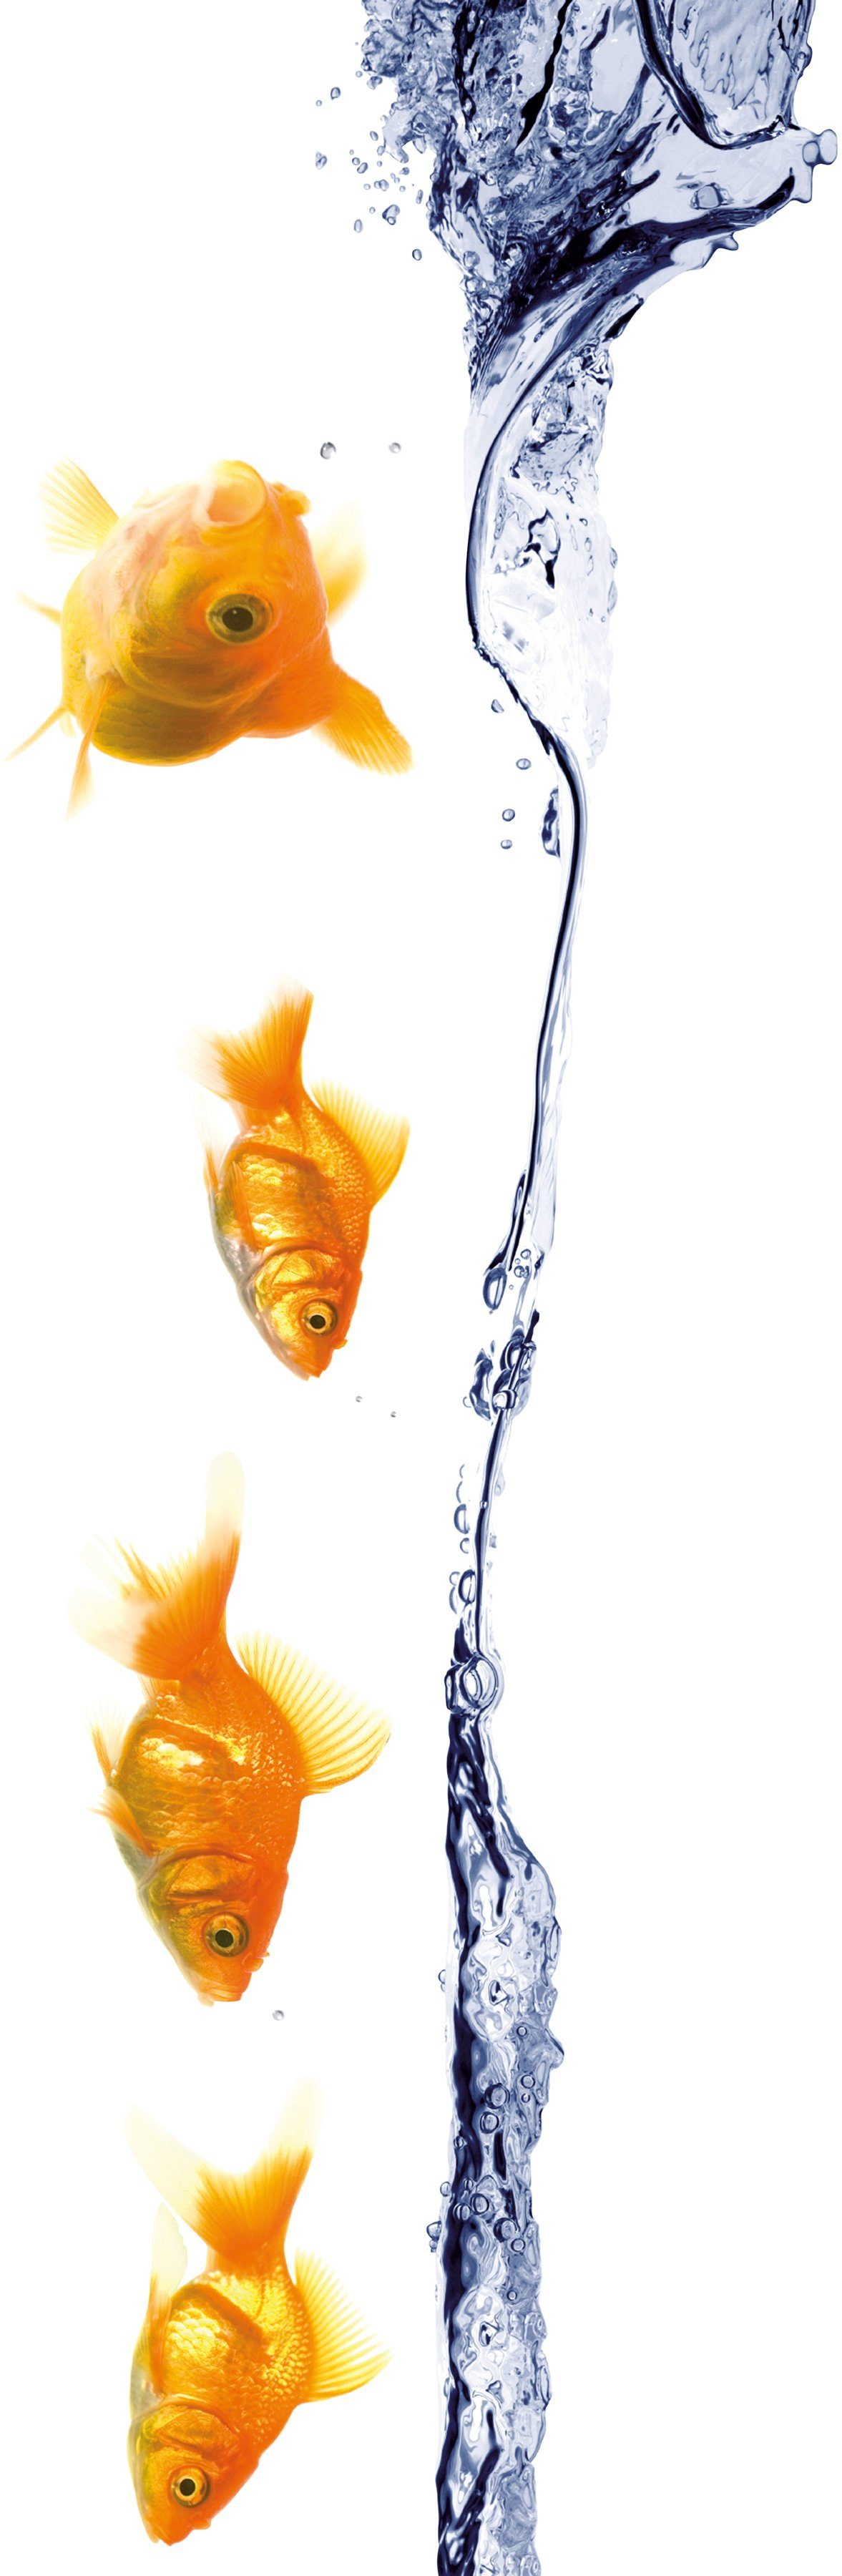 KLEINE WOLKE Selbstklebefolie »Unterwater«, für Badezimmer- und Duschtrennwände